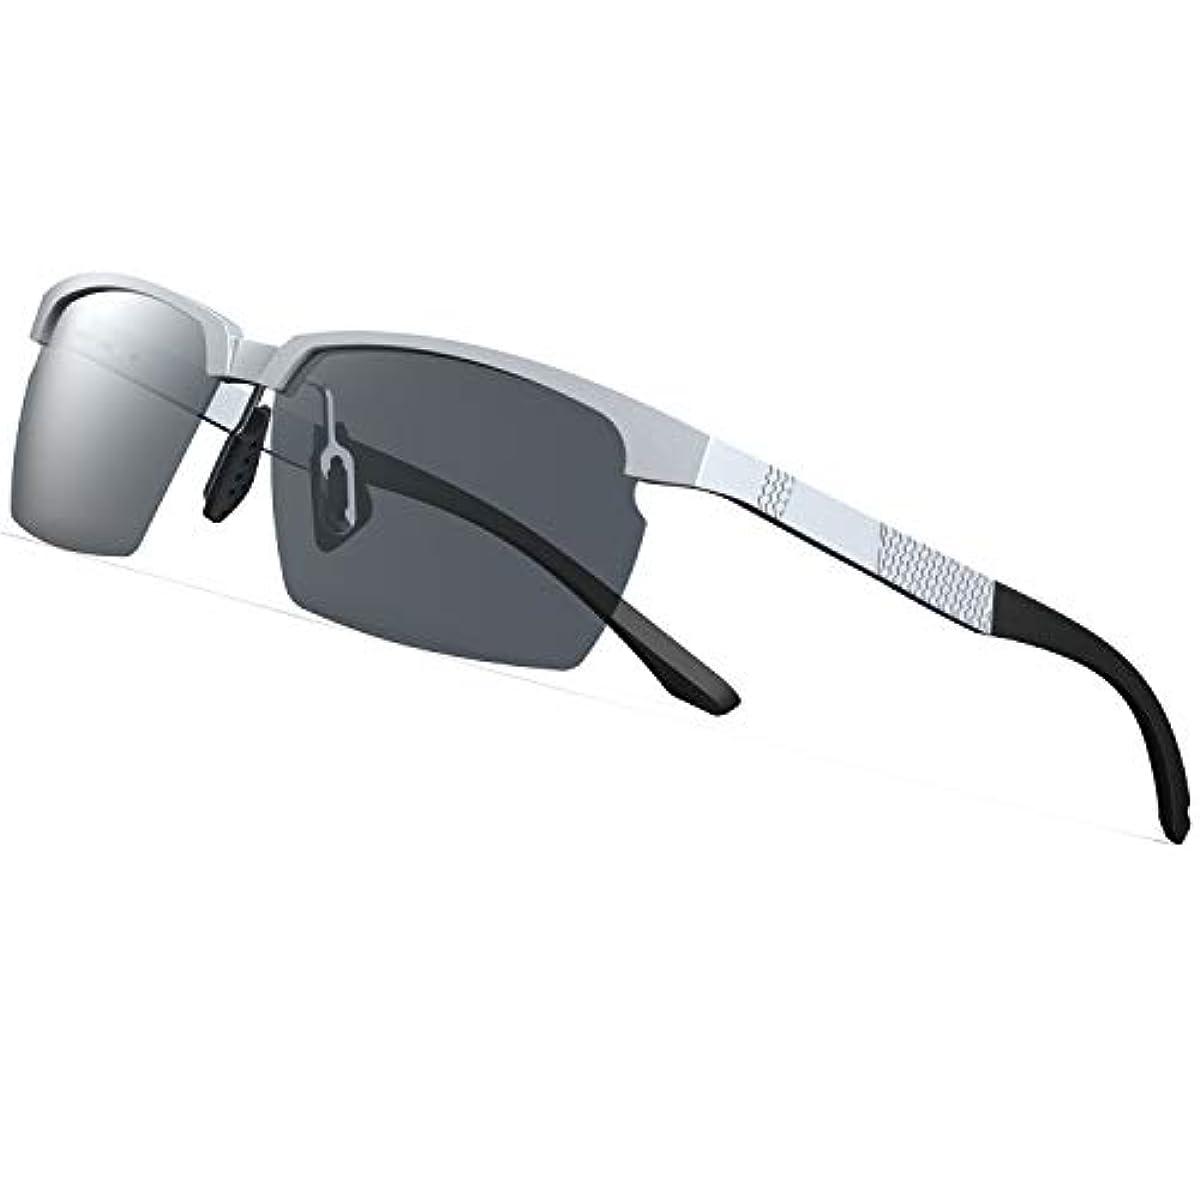 [해외] PAERDE 썬글라스 맨즈 편광 렌즈 운전 경량 UV컷 자외선 컷 경량 운전 낚시 스포츠 테니스 PA01